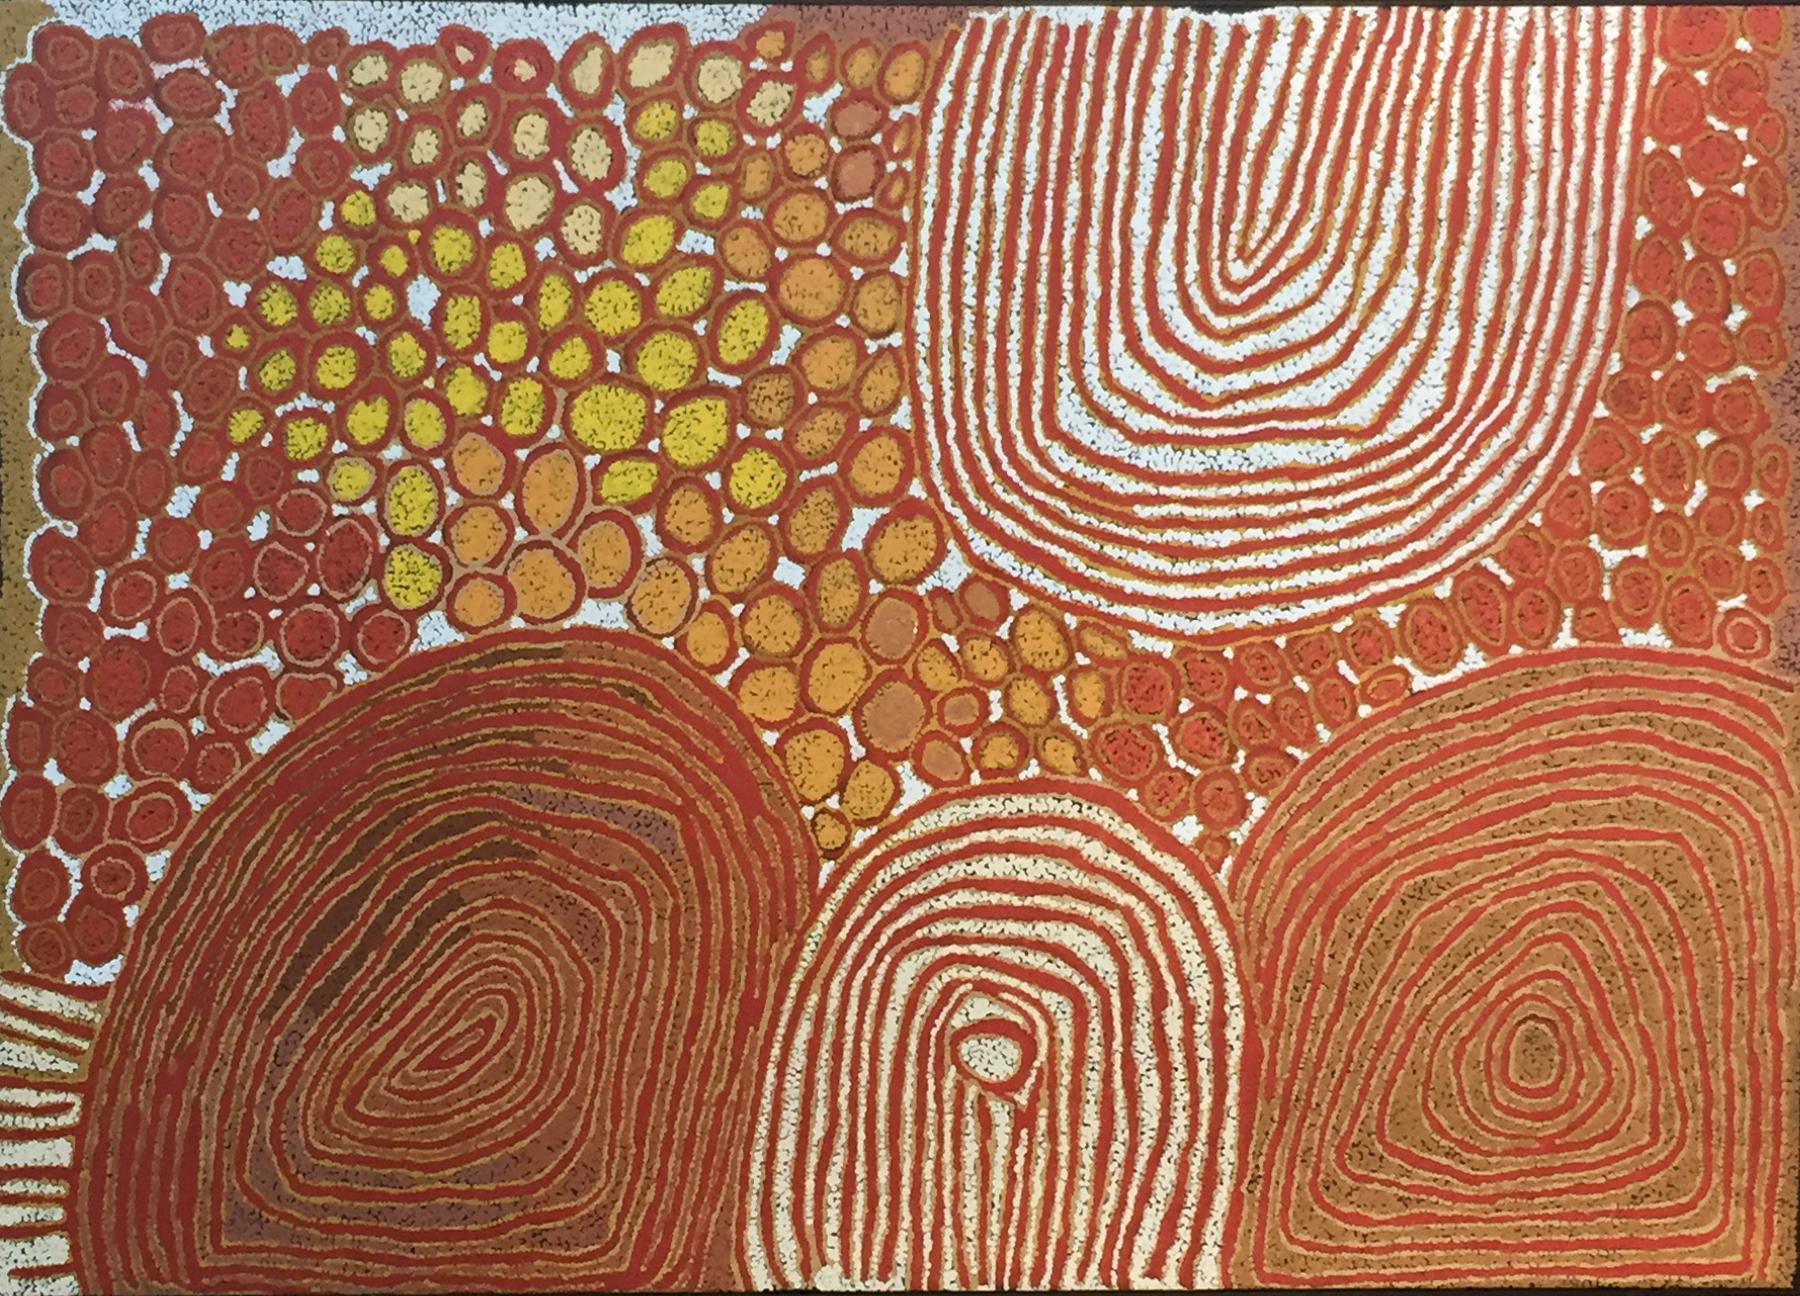 Walangkura Napanangka, Untitled 120 x 180 cm